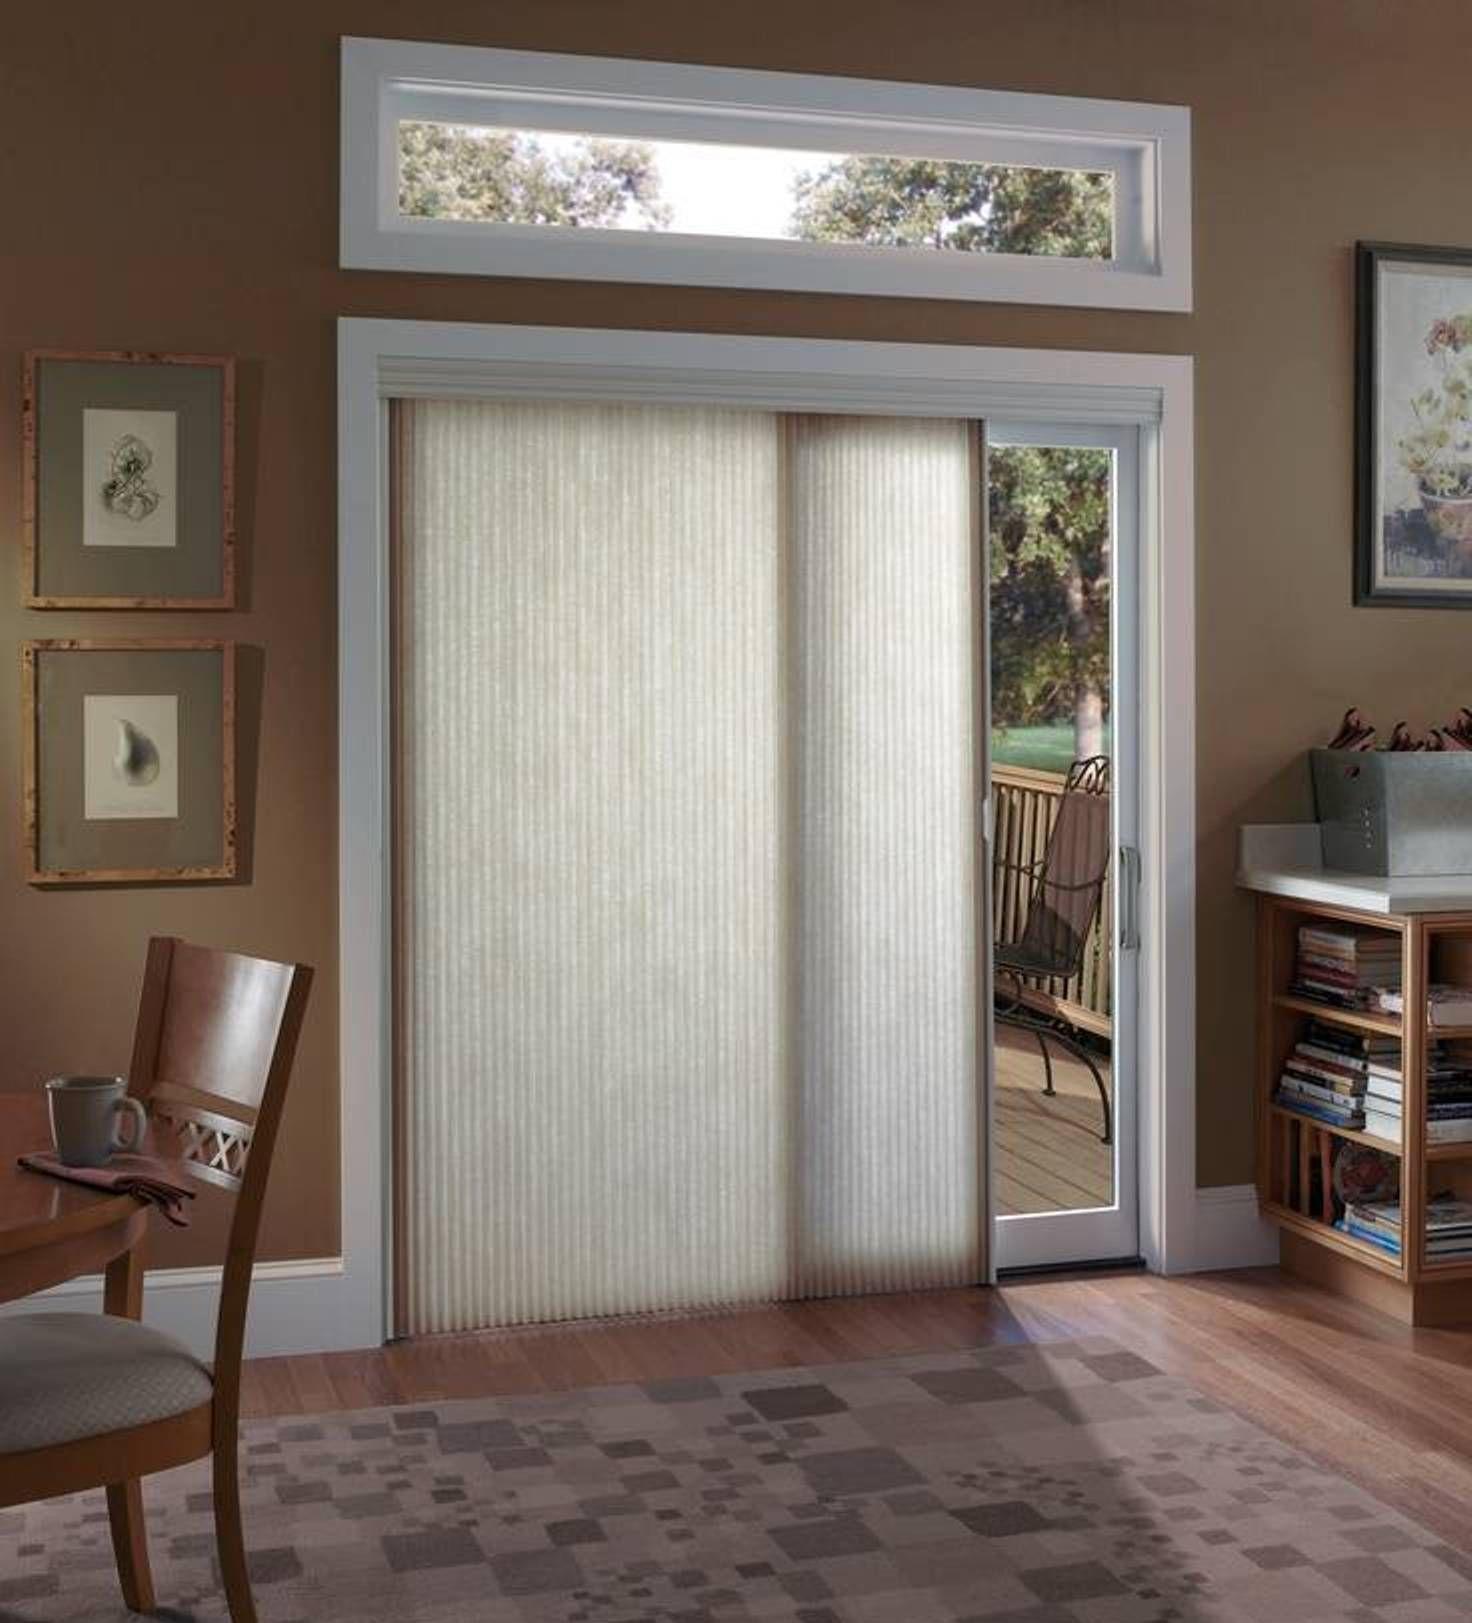 drapes for sliding glass doors s educationalequipment com k